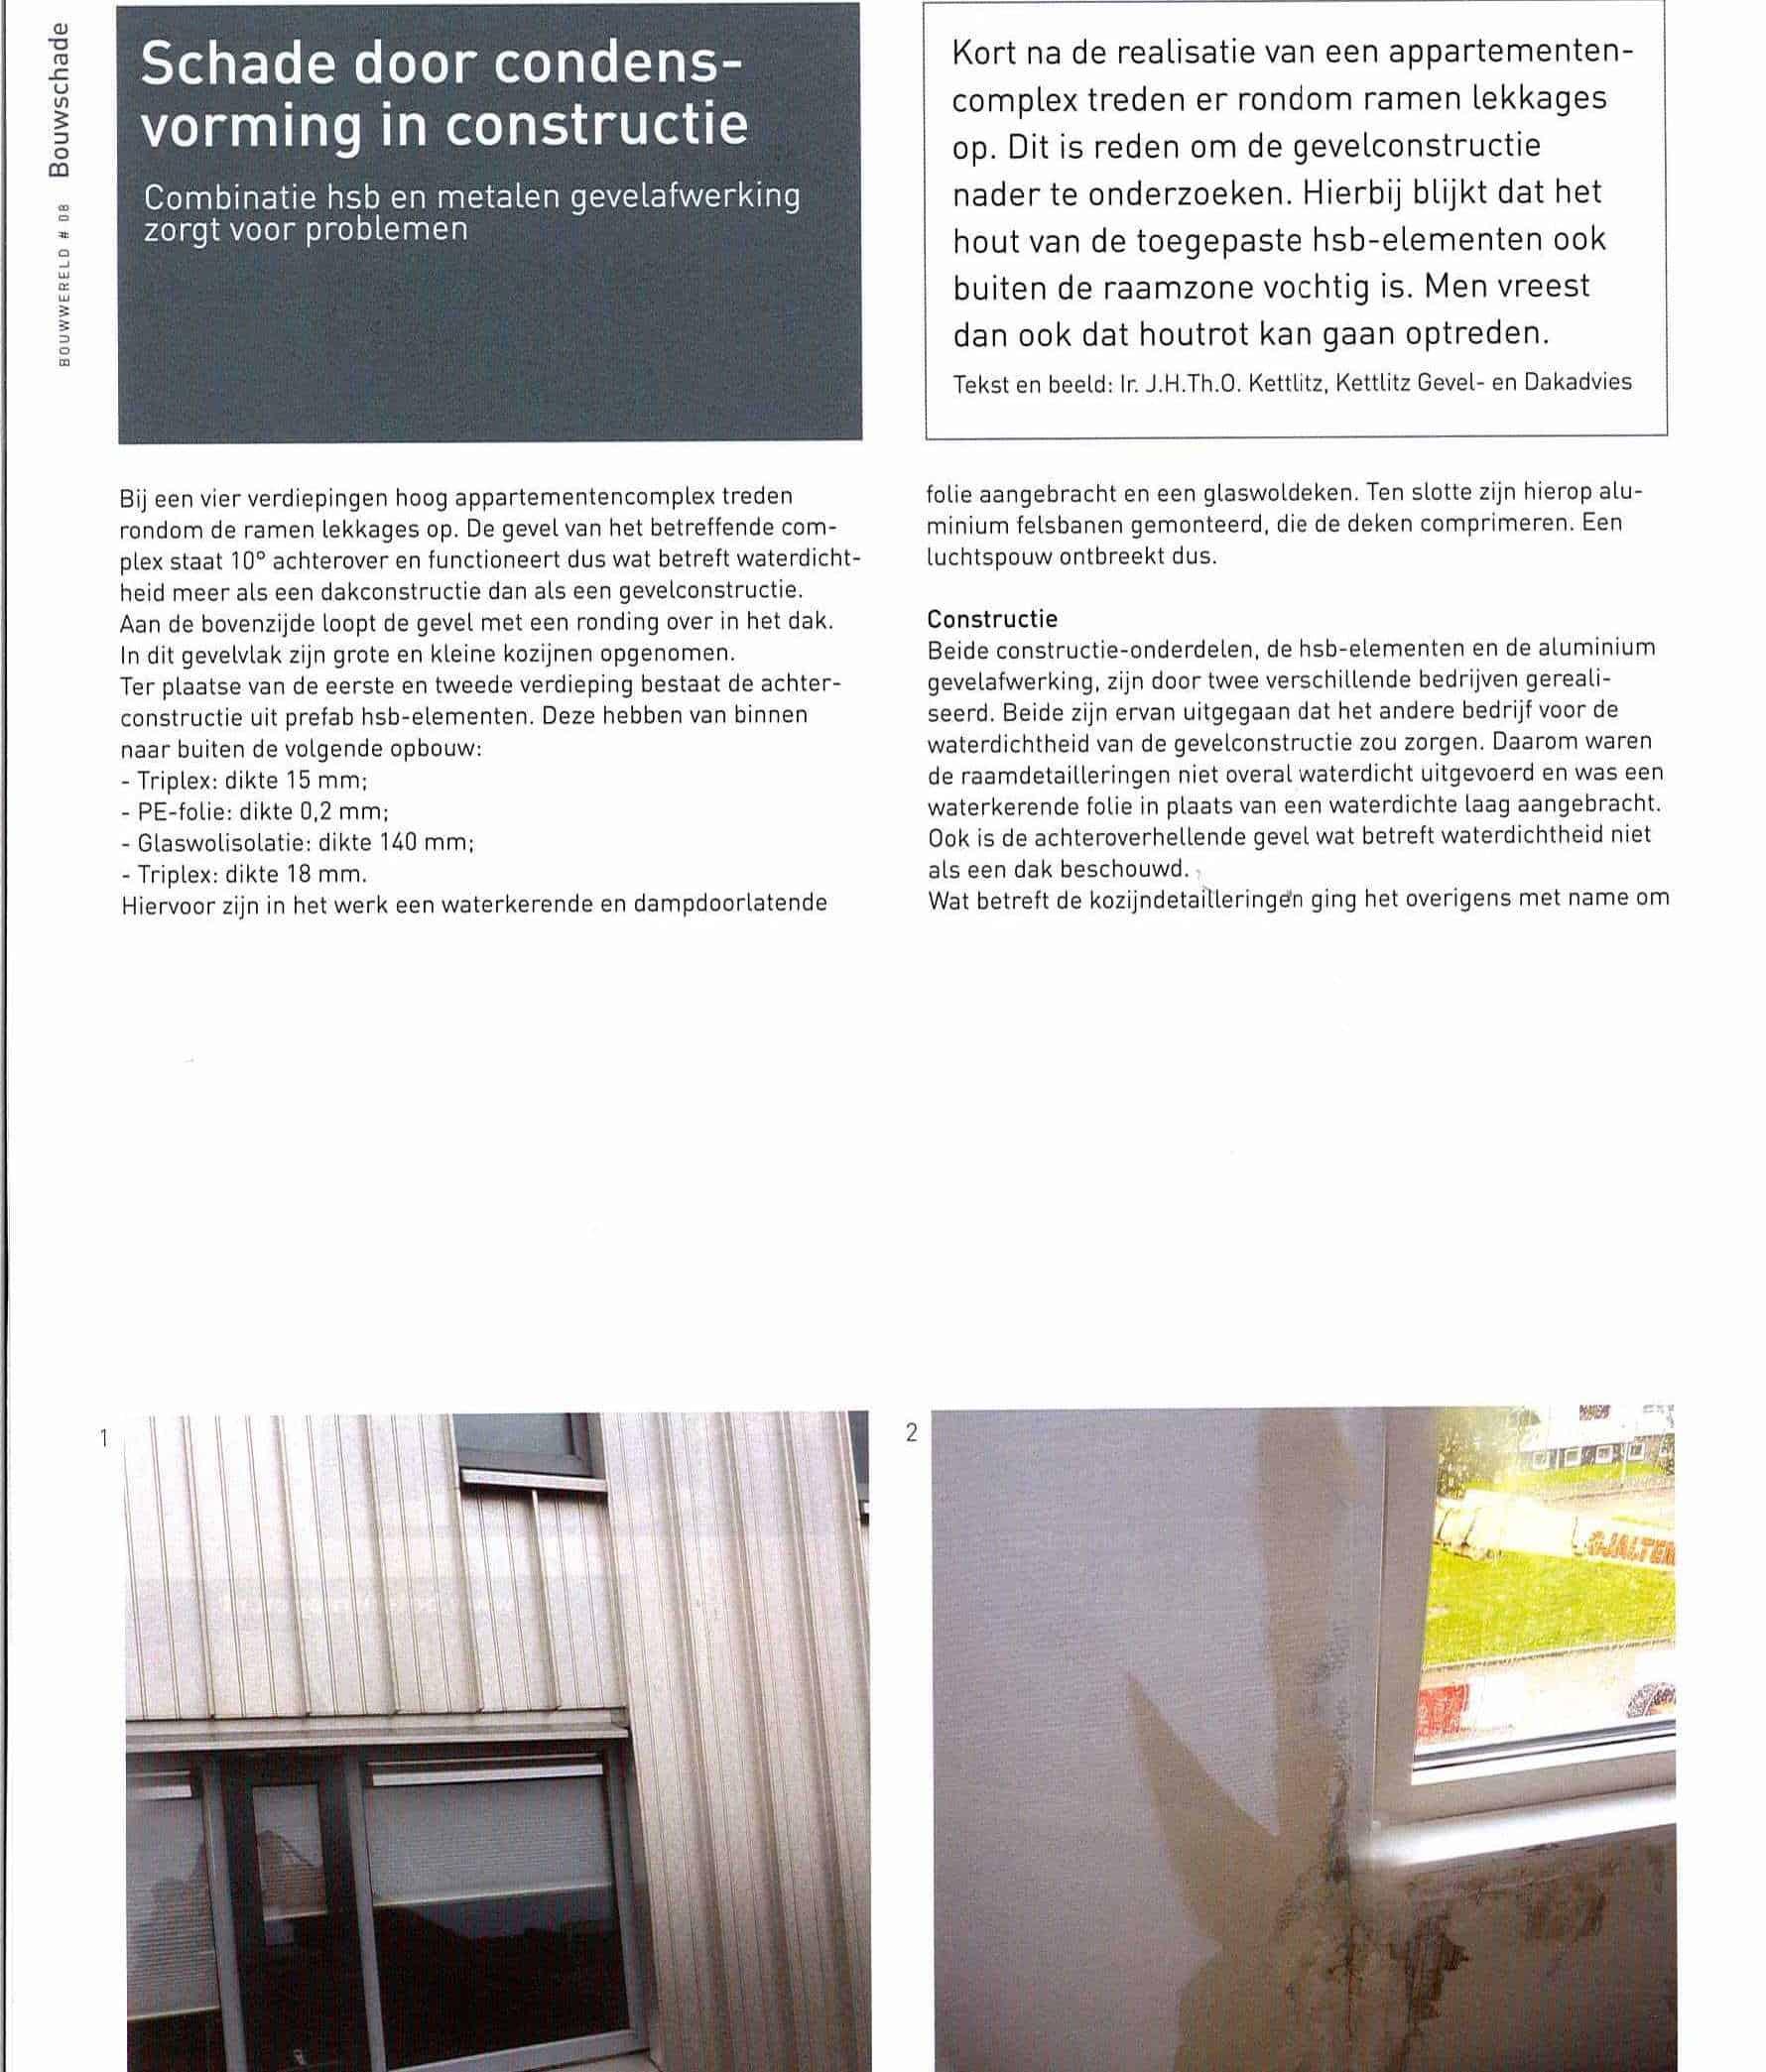 Bouwwereld_2011-08_Schade_door_condensvorming_in_constructie_thumbnail1